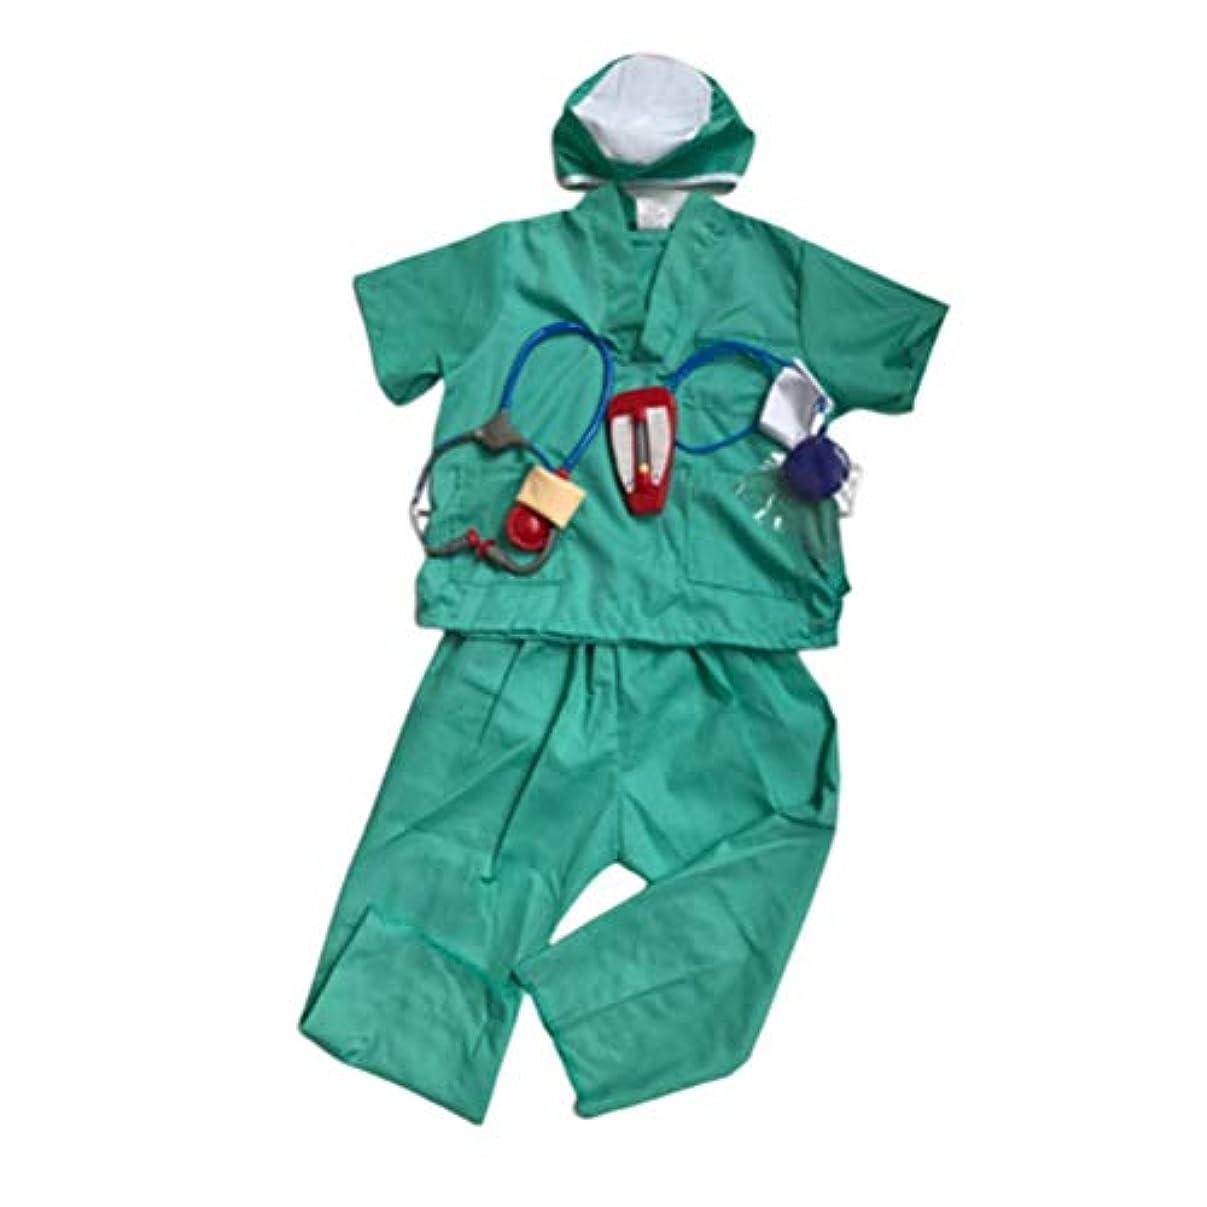 衝突する滞在衰えるAmosfunドクターユニフォーム子供のための子供手術ガウンコスプレ衣装ロールプレイ衣装ハロウィン仮装パーティー